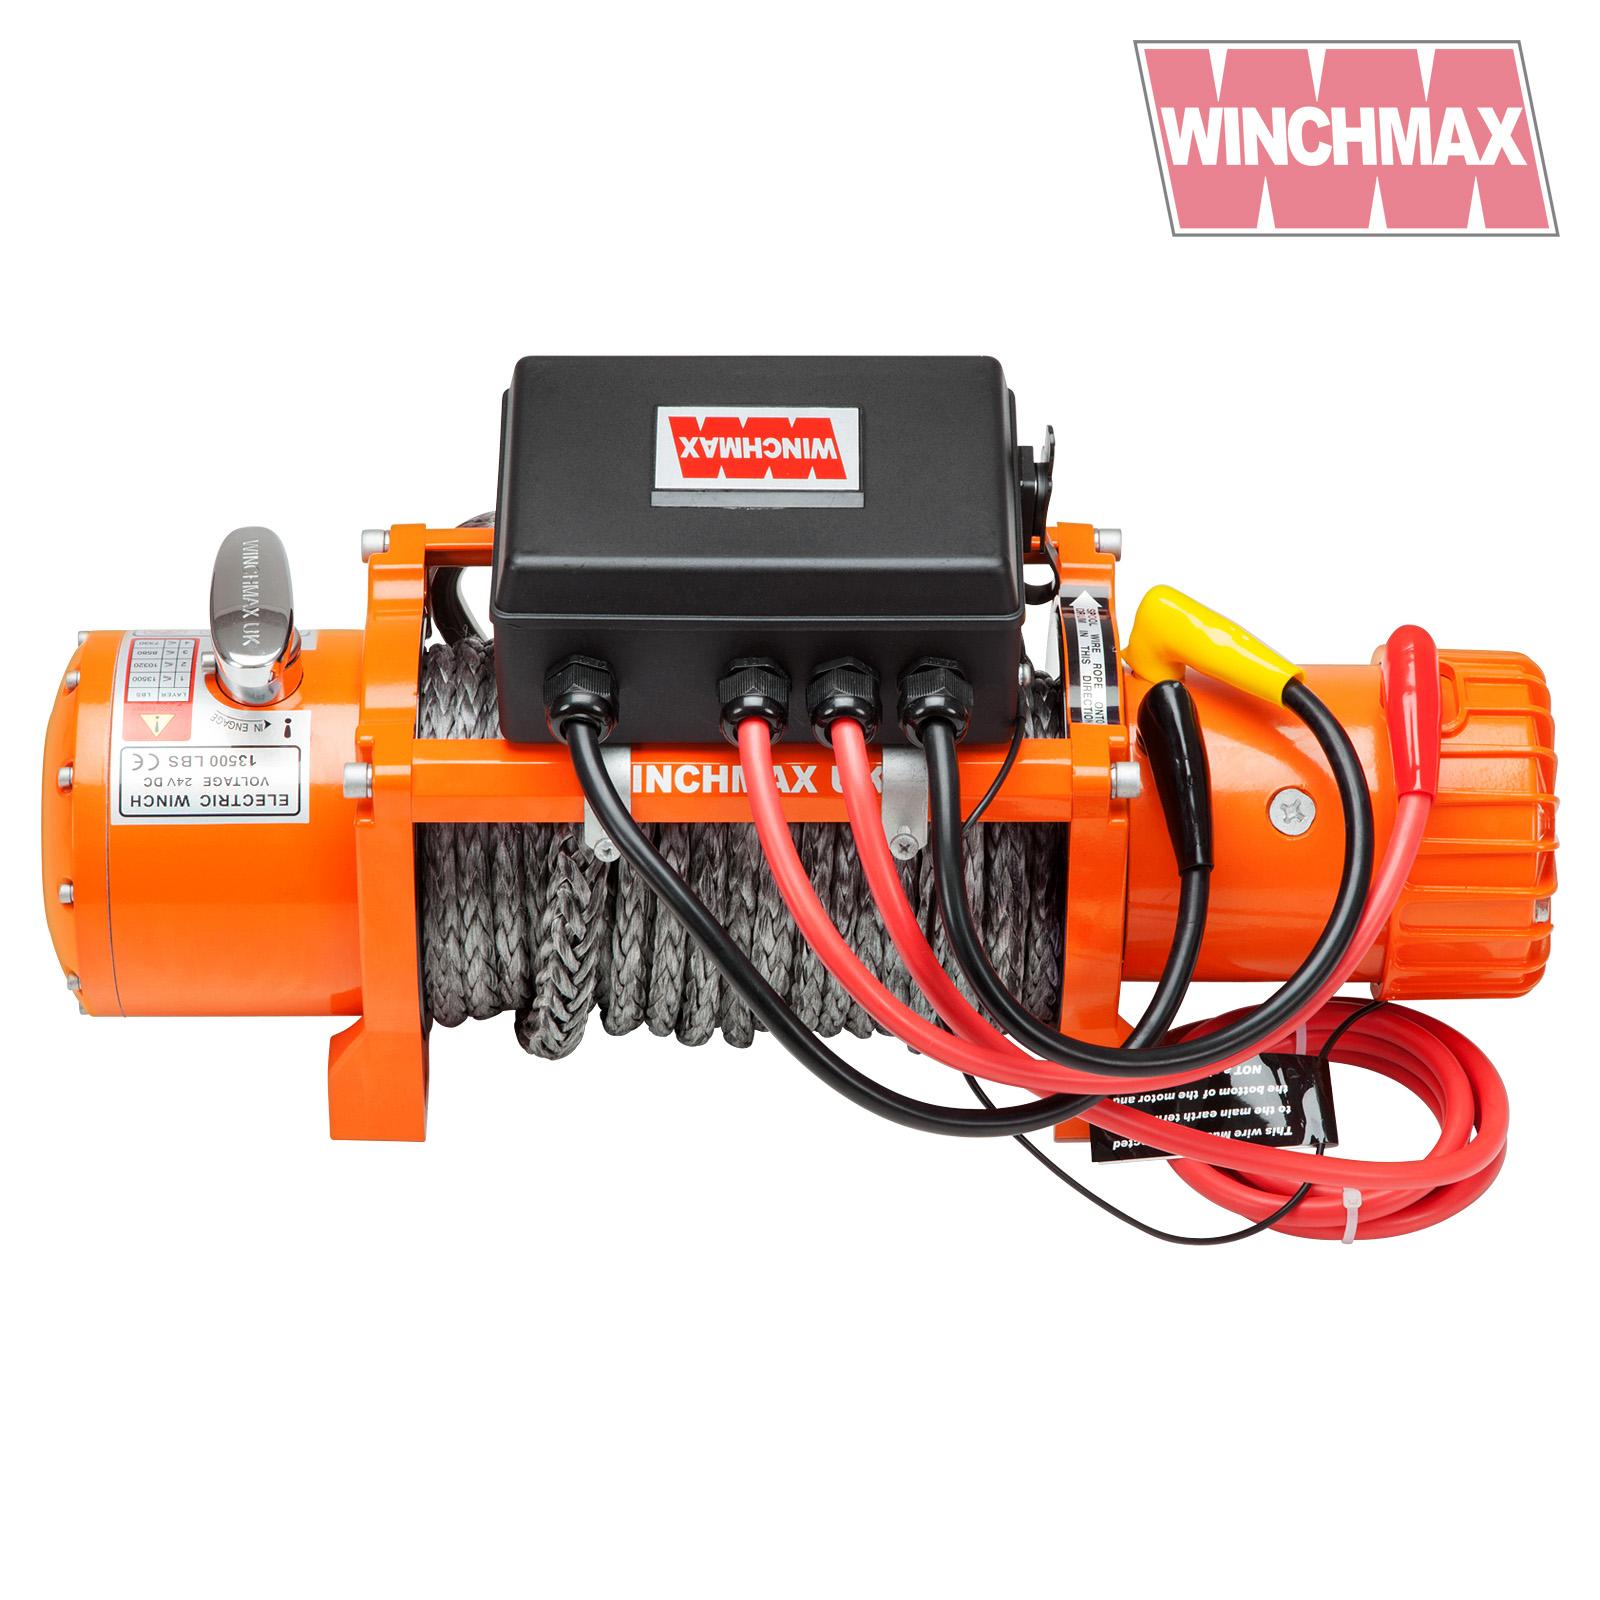 Wm1350024vrs winchmax 06